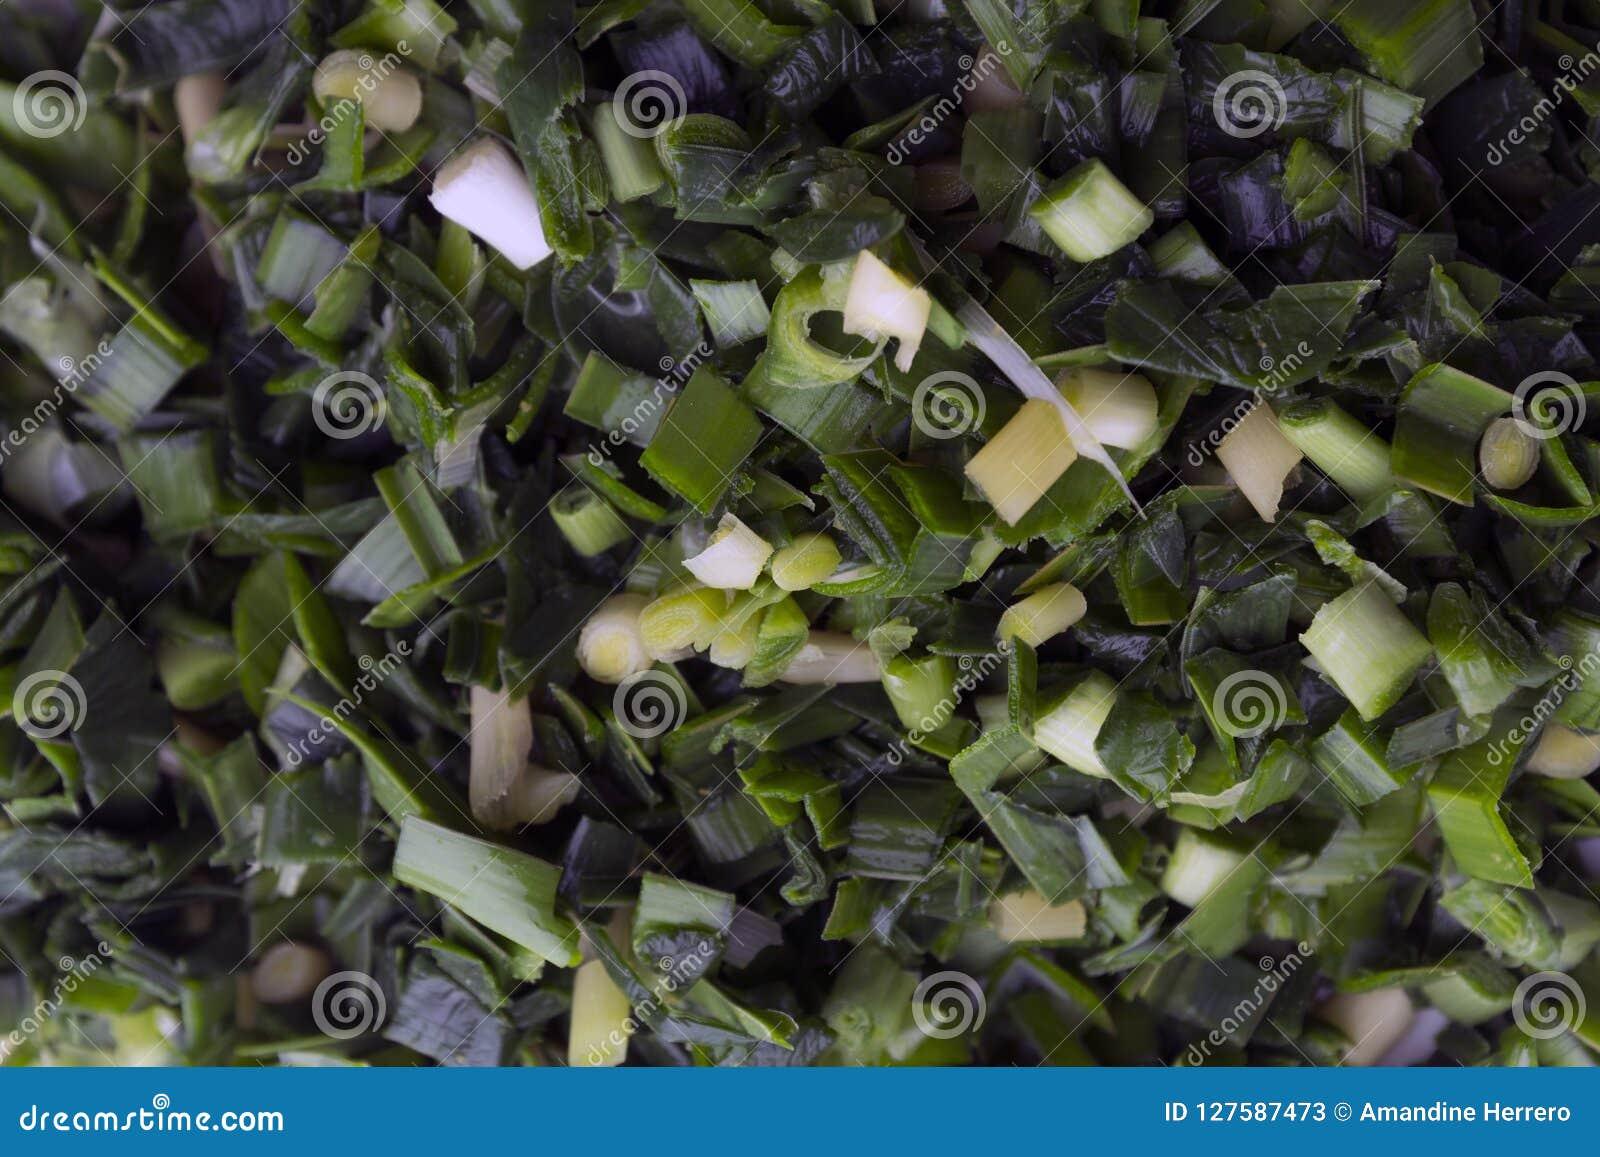 Fotografia macro de uma placa dos alho-porros